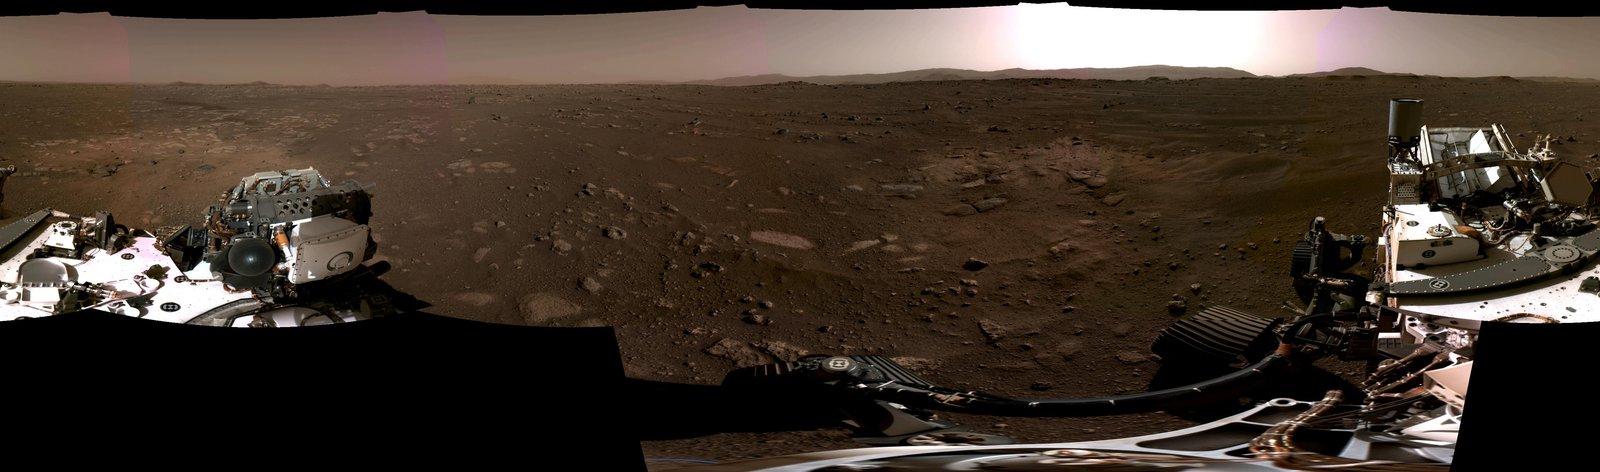 El Mars Perseverance Rover de la NASA proporciona una visión del aterrizaje con grabación de audio, la primera y única del Planeta Rojo.